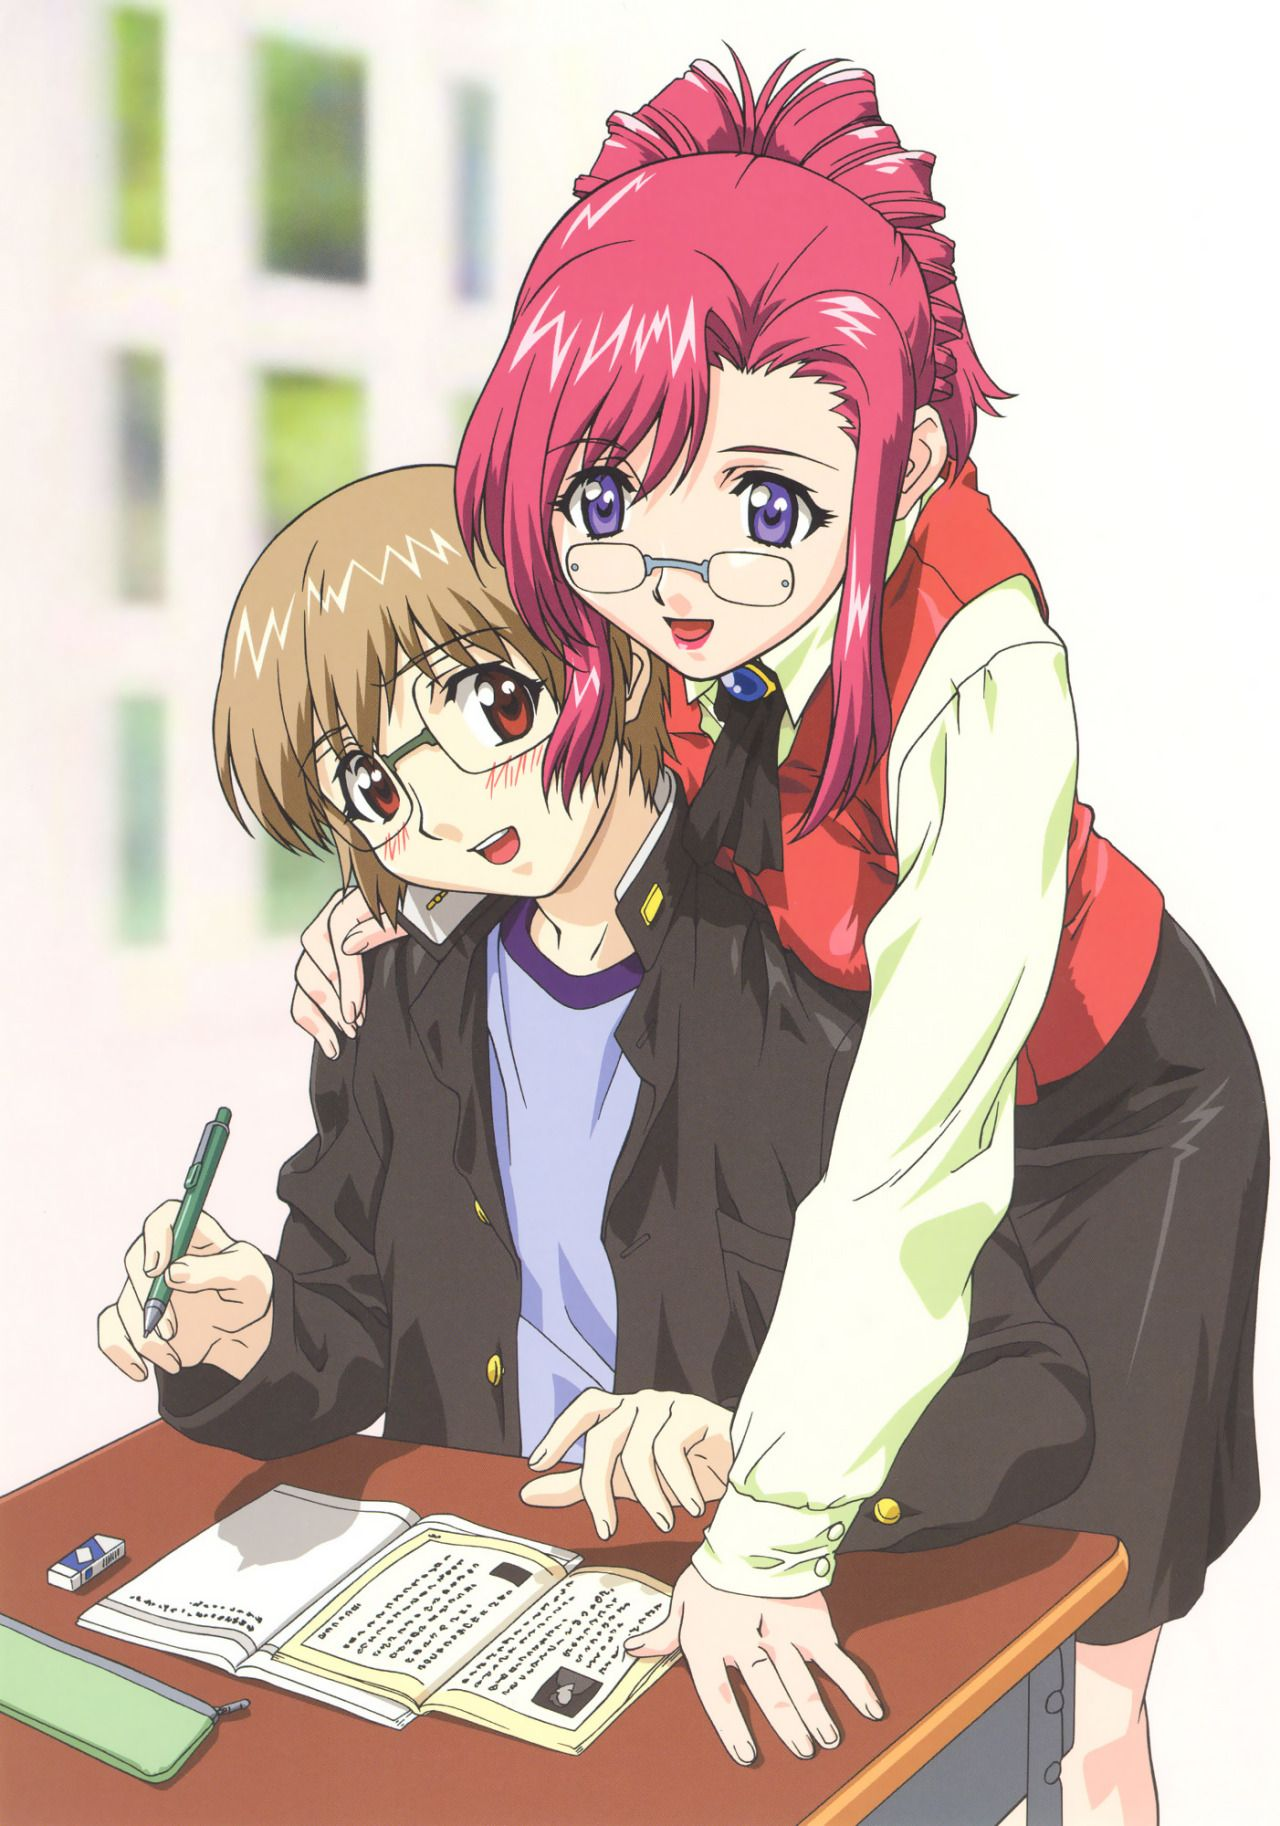 Pin On Anime And Manga 1